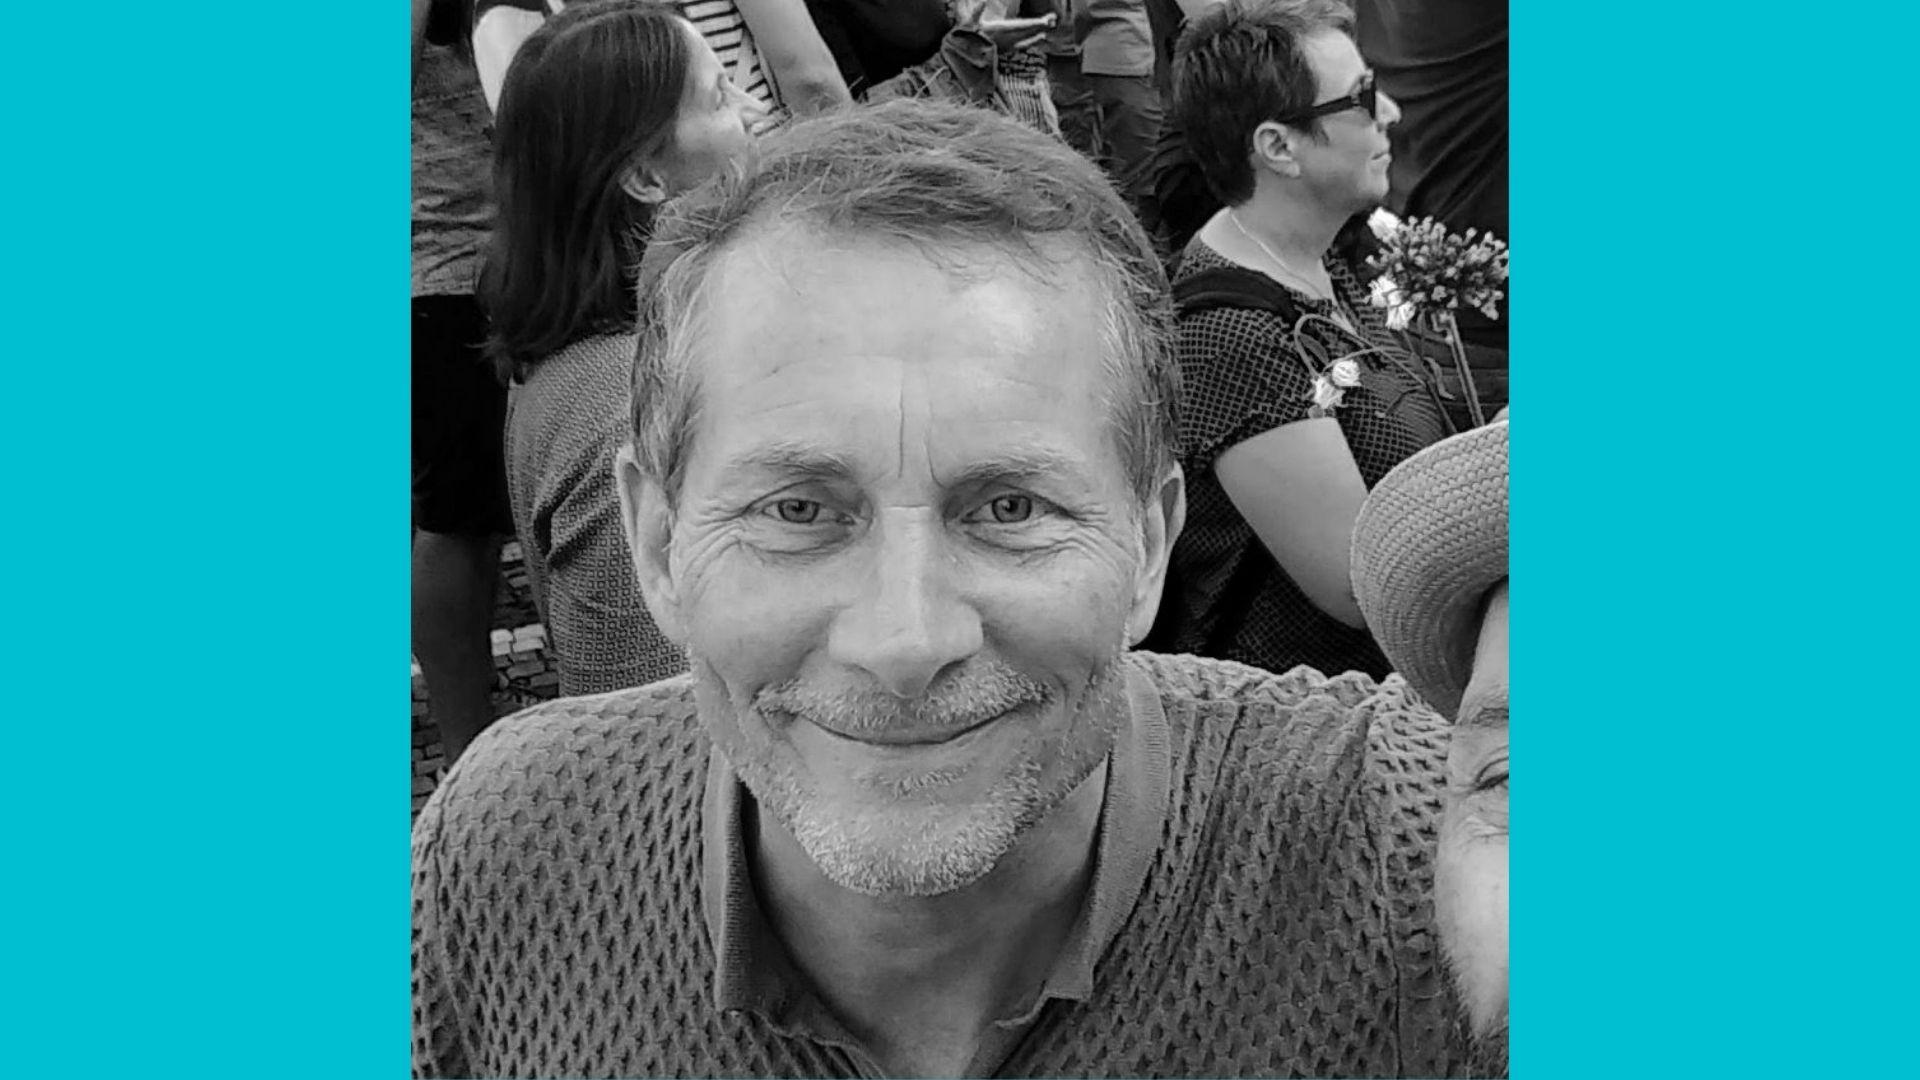 Profilfoto von Nikolas Teixeira